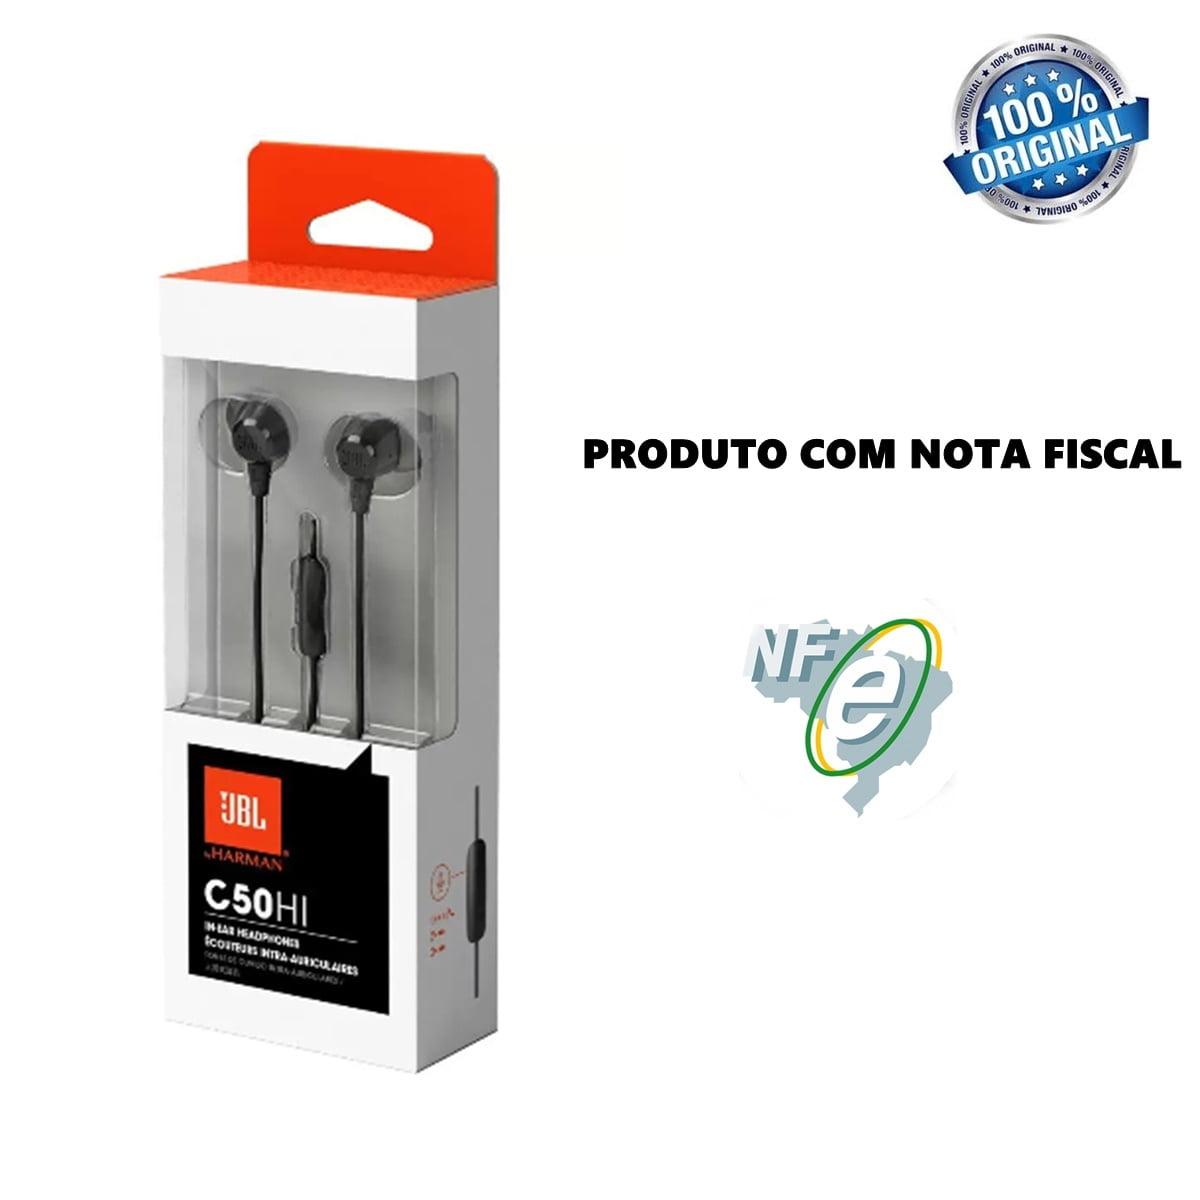 Fone De Ouvido Original com microfone Para Celular cabo de 1,2 metros Jbl C50hi